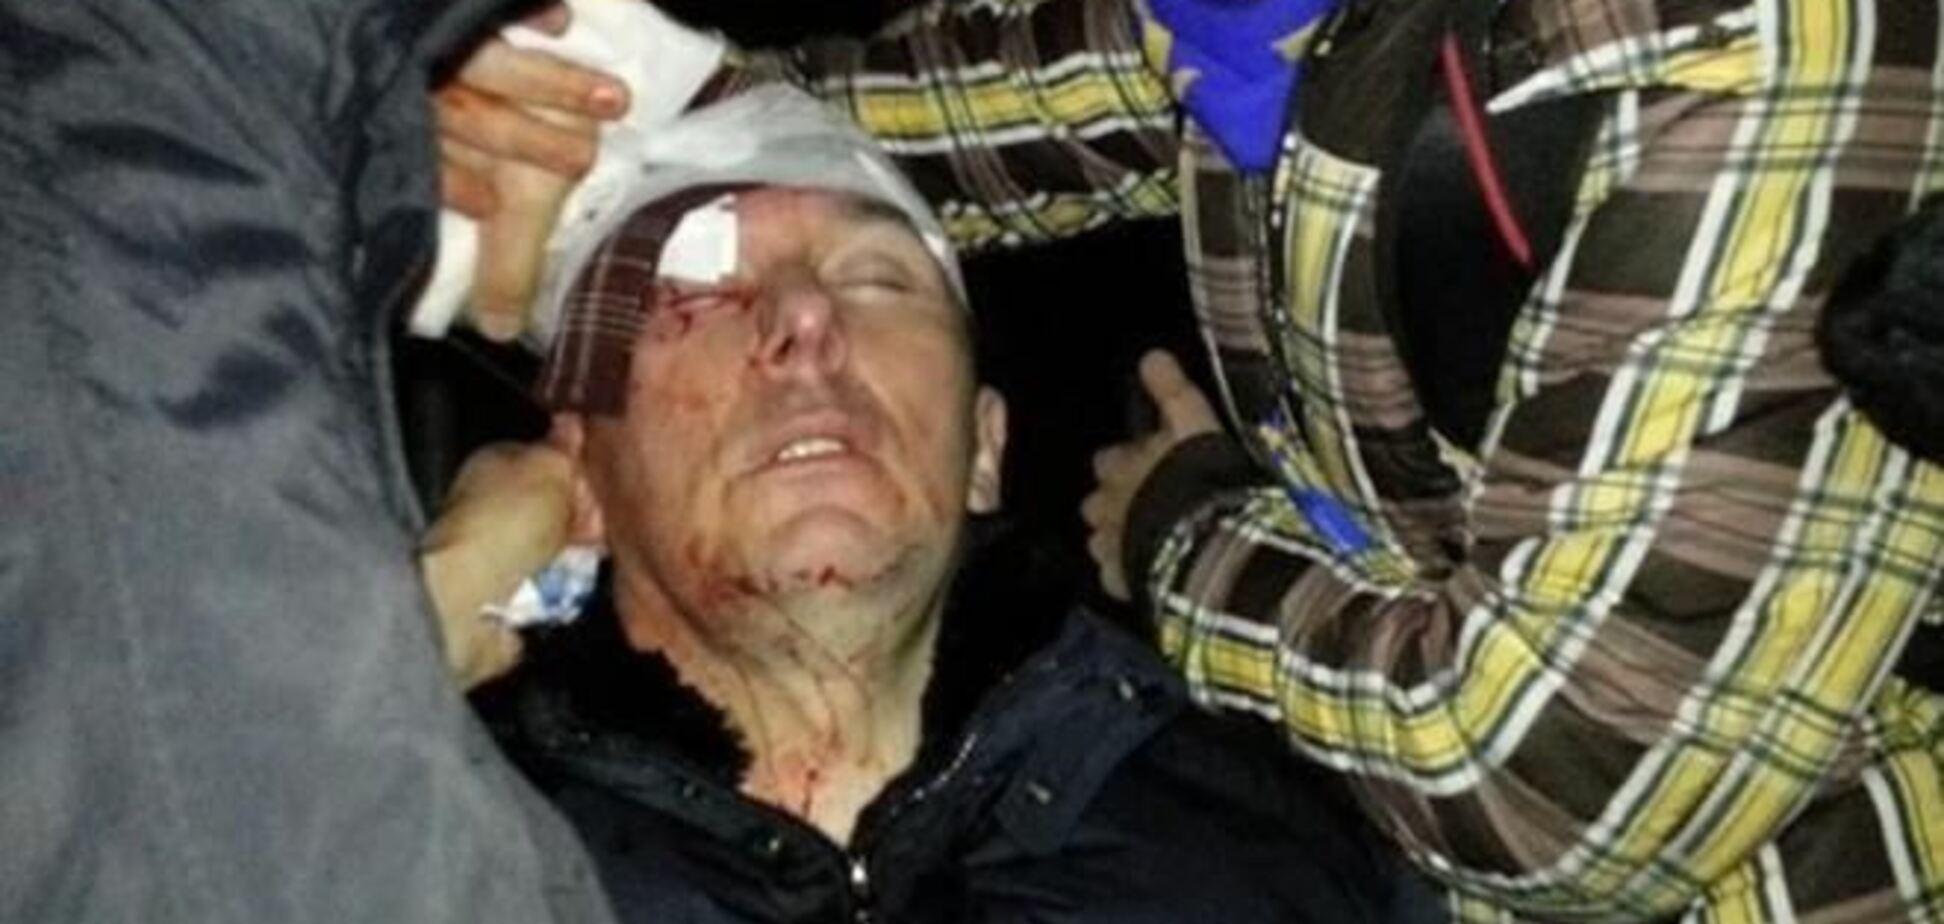 У Луценка немає серйозних травм, проте він знаходиться в реанімації - дружина екс-міністра